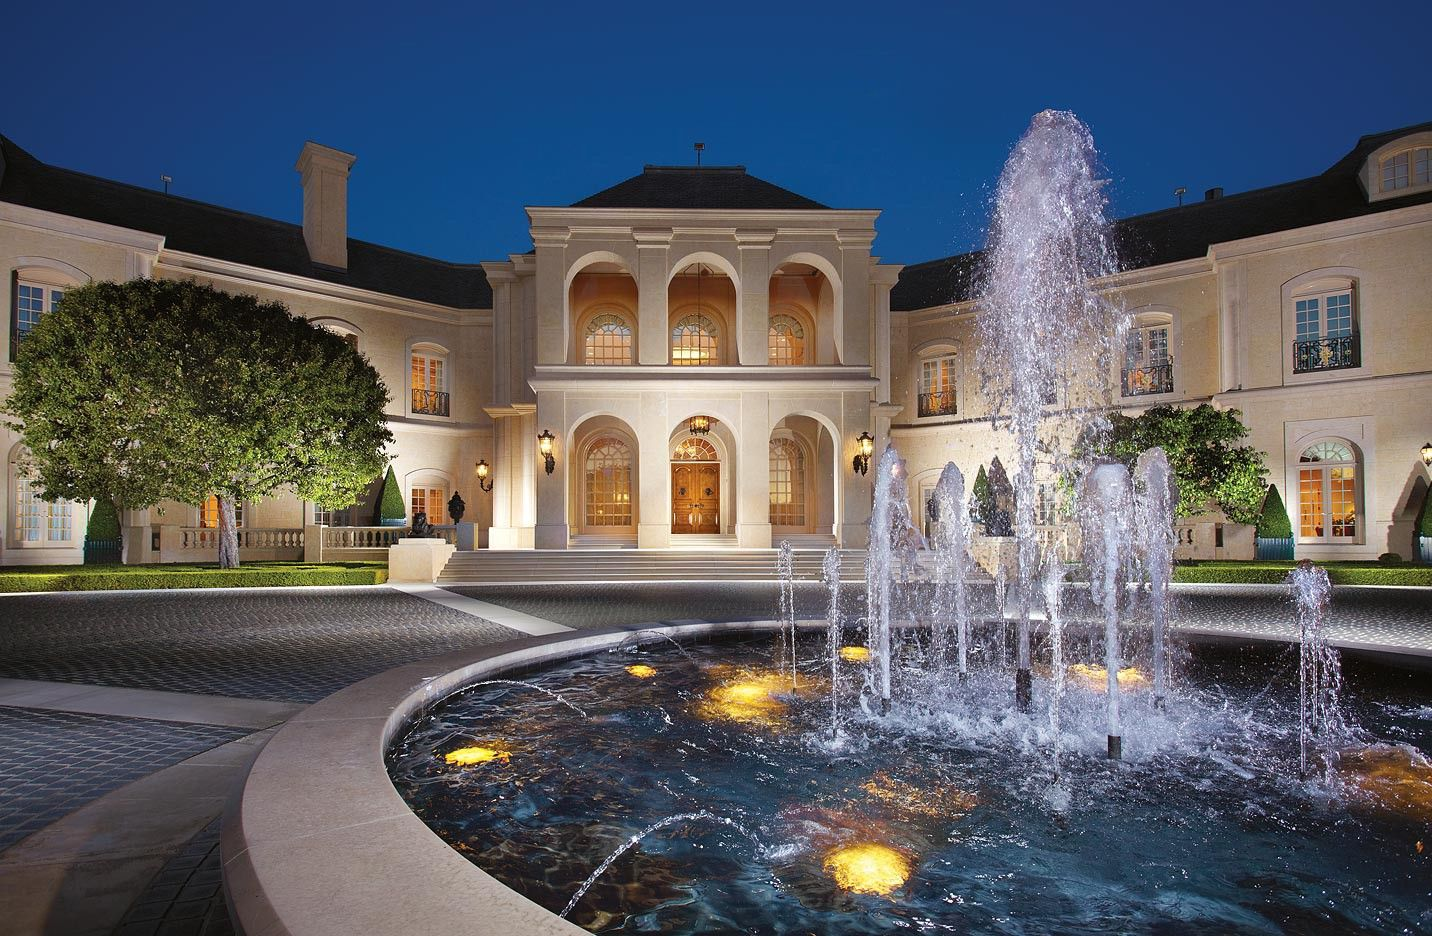 بالصور منازل فخمة , منازل تتميز بالرقي والفخامه 760 9